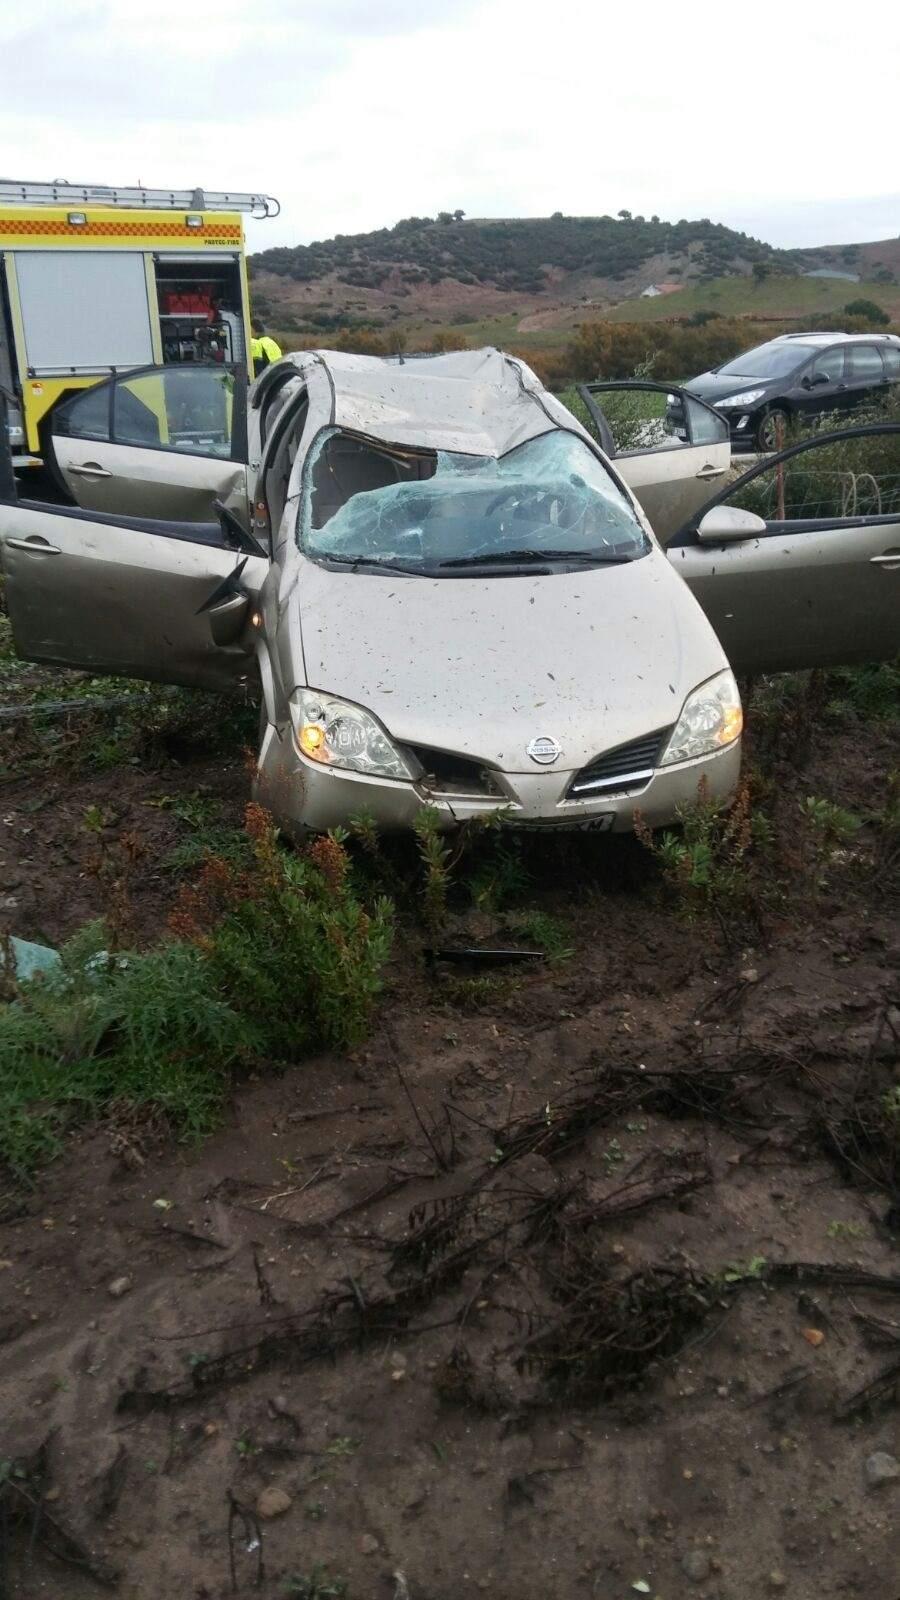 La carretera se ha cobrado ya 23 muertes a falta de una semana para el cierre de la Navidad